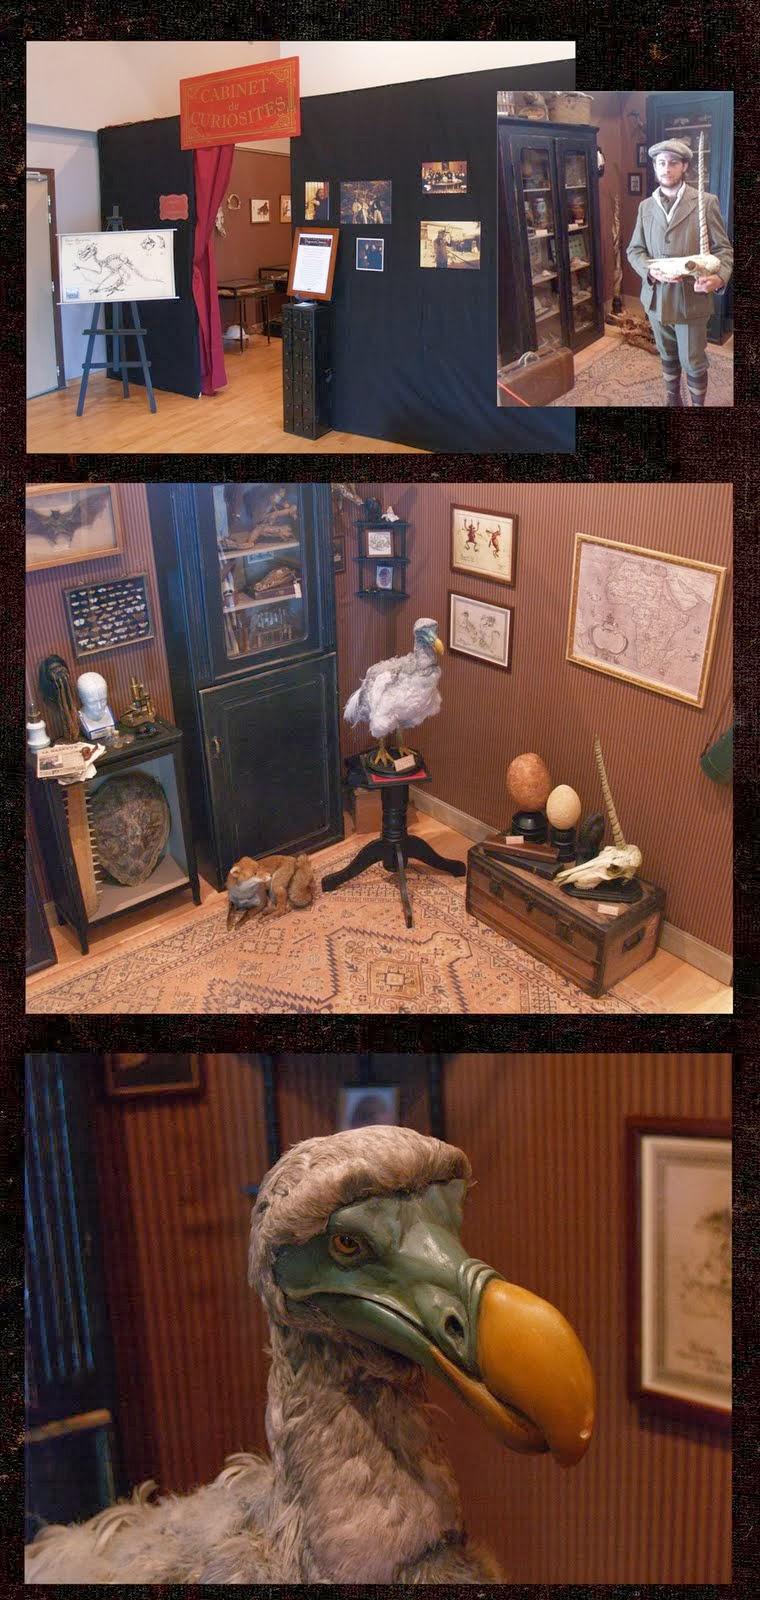 mon cabinet de curiosit s par camille renversade l 39 exposition cabinet de curiosit s. Black Bedroom Furniture Sets. Home Design Ideas